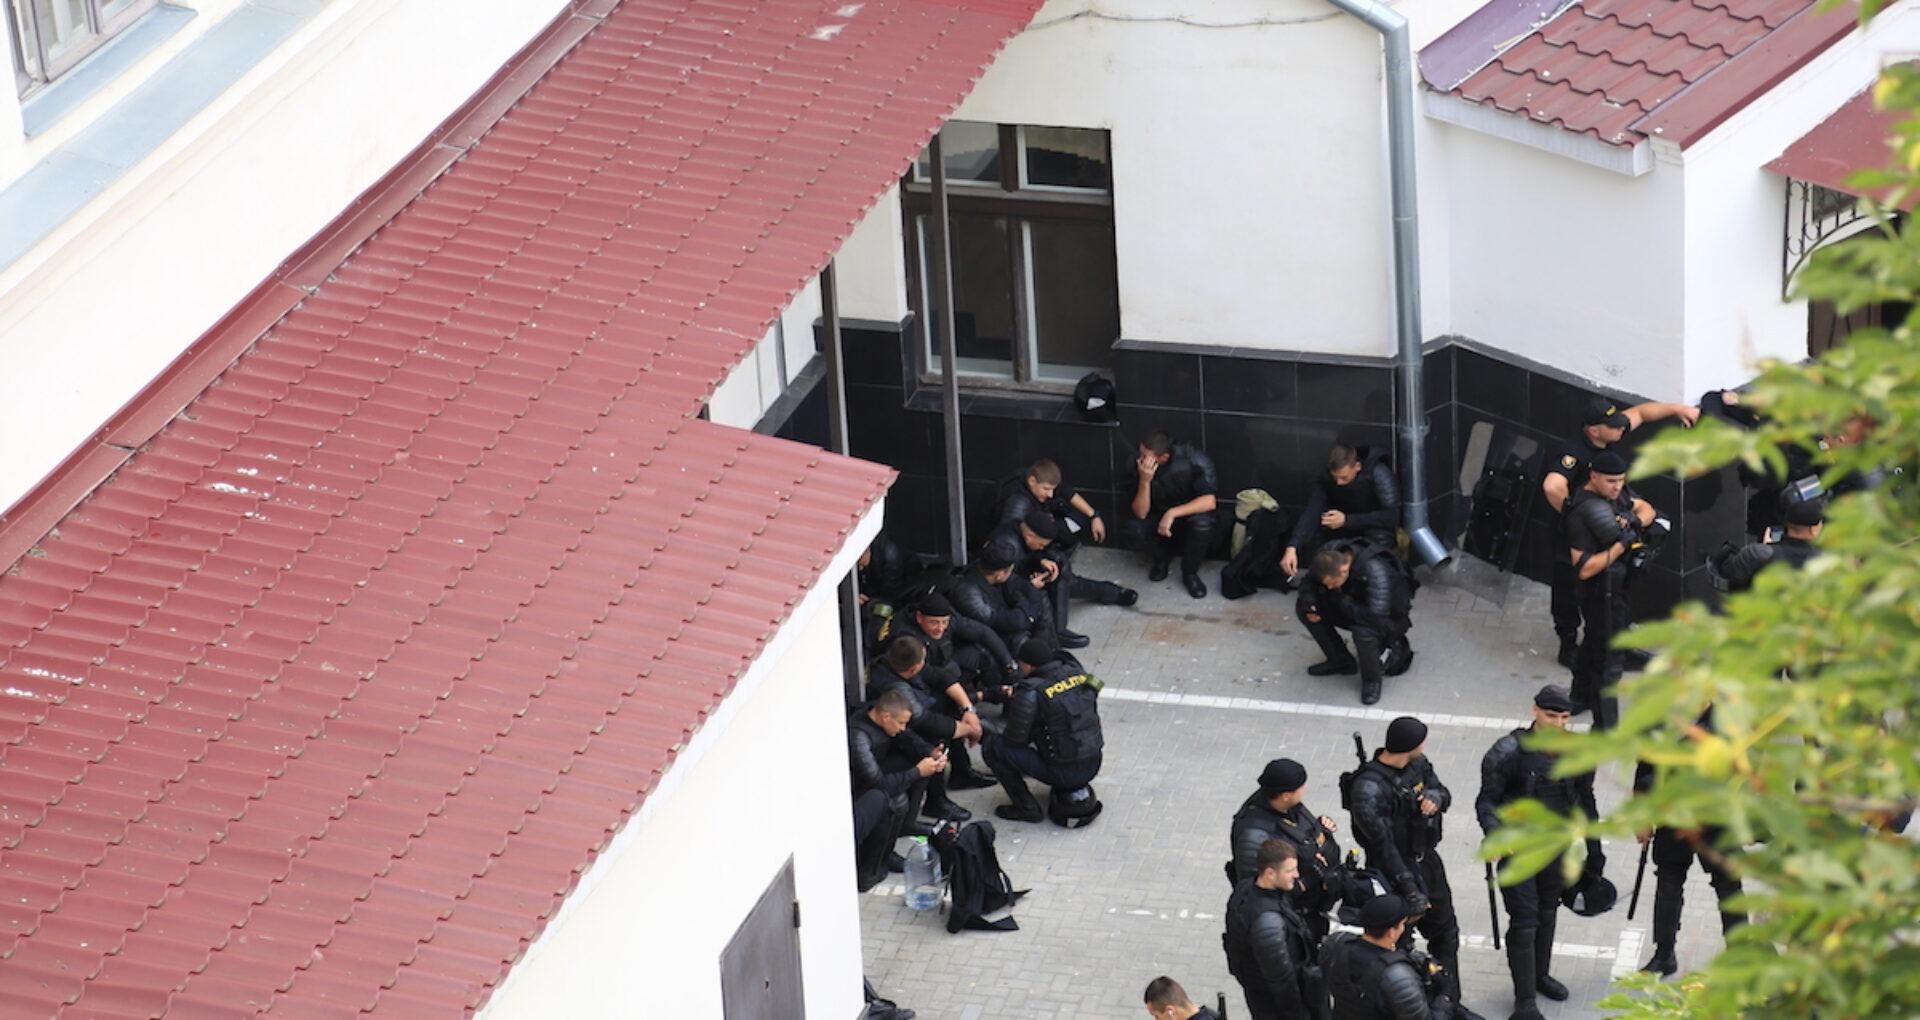 """VIDEO/ Intrarea în curtea interioară a CSJ, interzisă presei: """"Este instituție de stat și nu se permite accesul"""""""